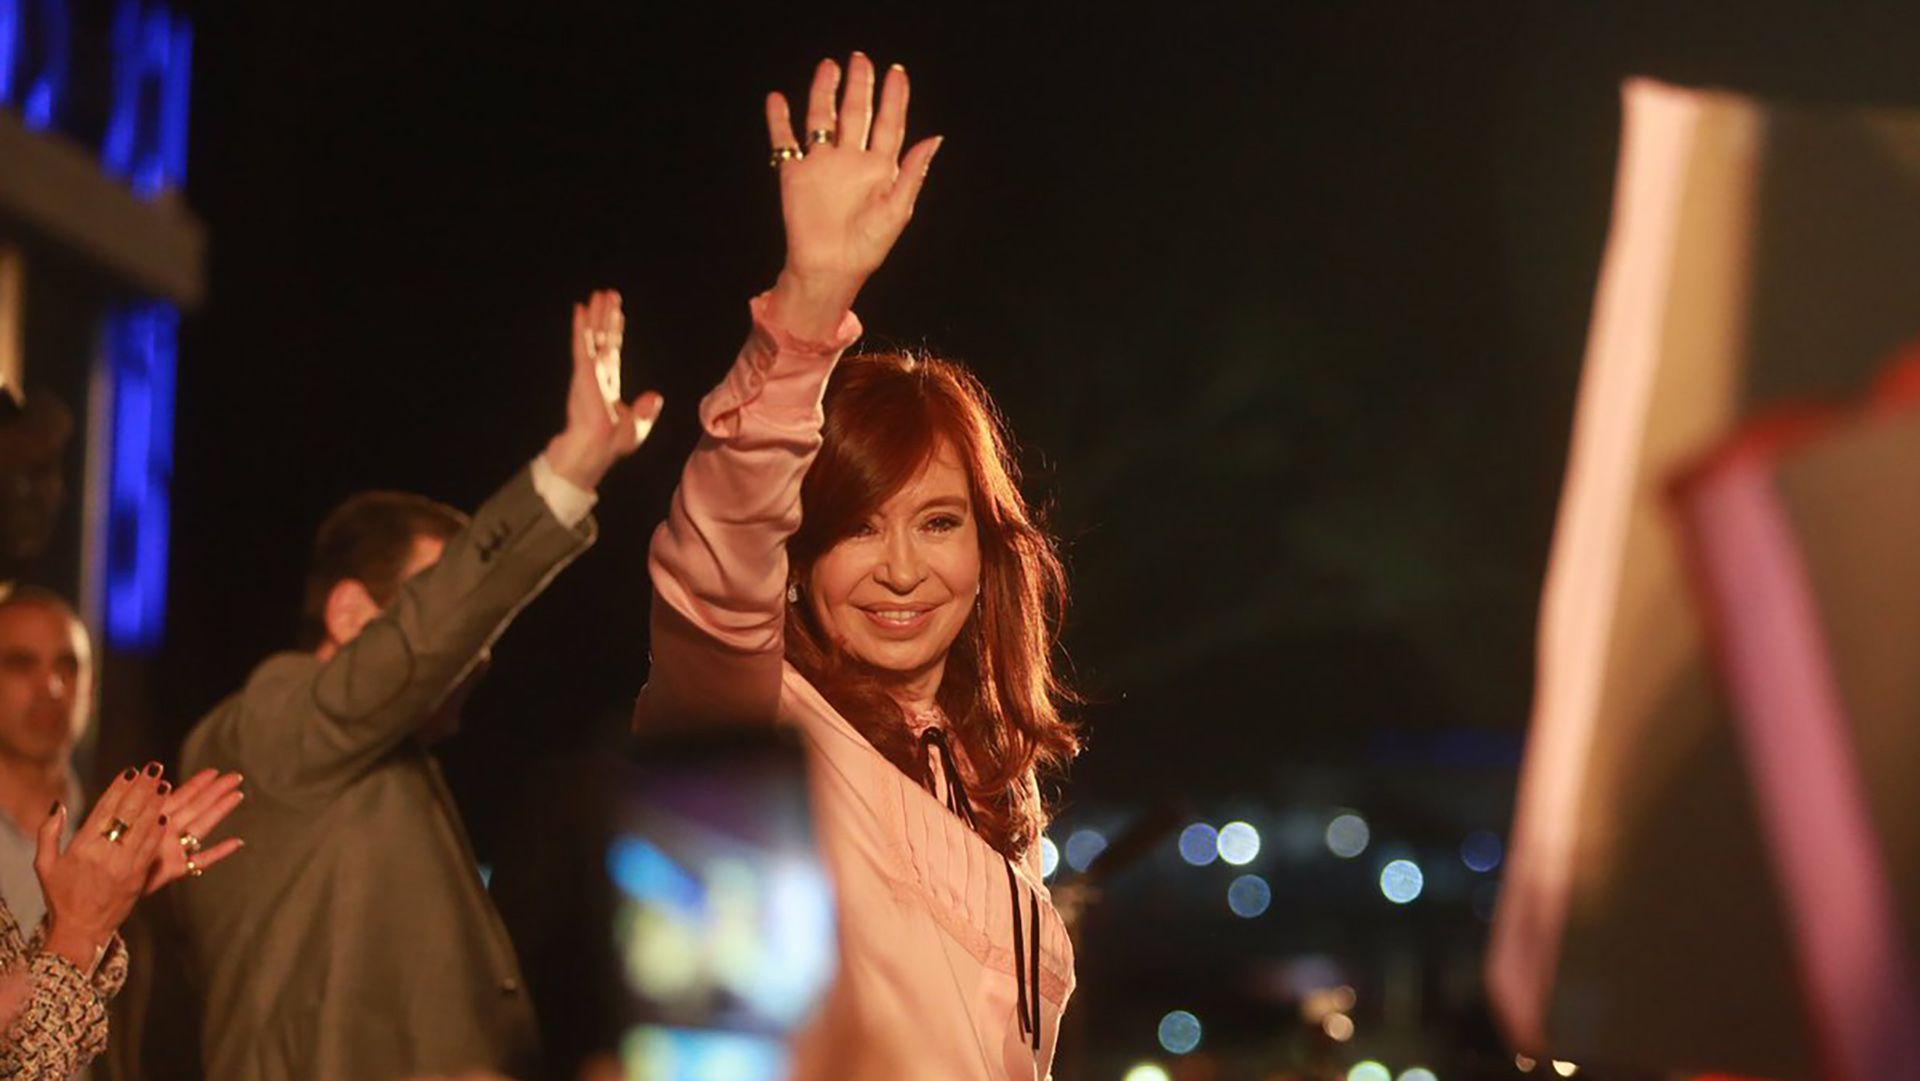 El 18 de junio Cristina Fernández hizo la primera presentación en una provincia. Eligió Santiago del Estero